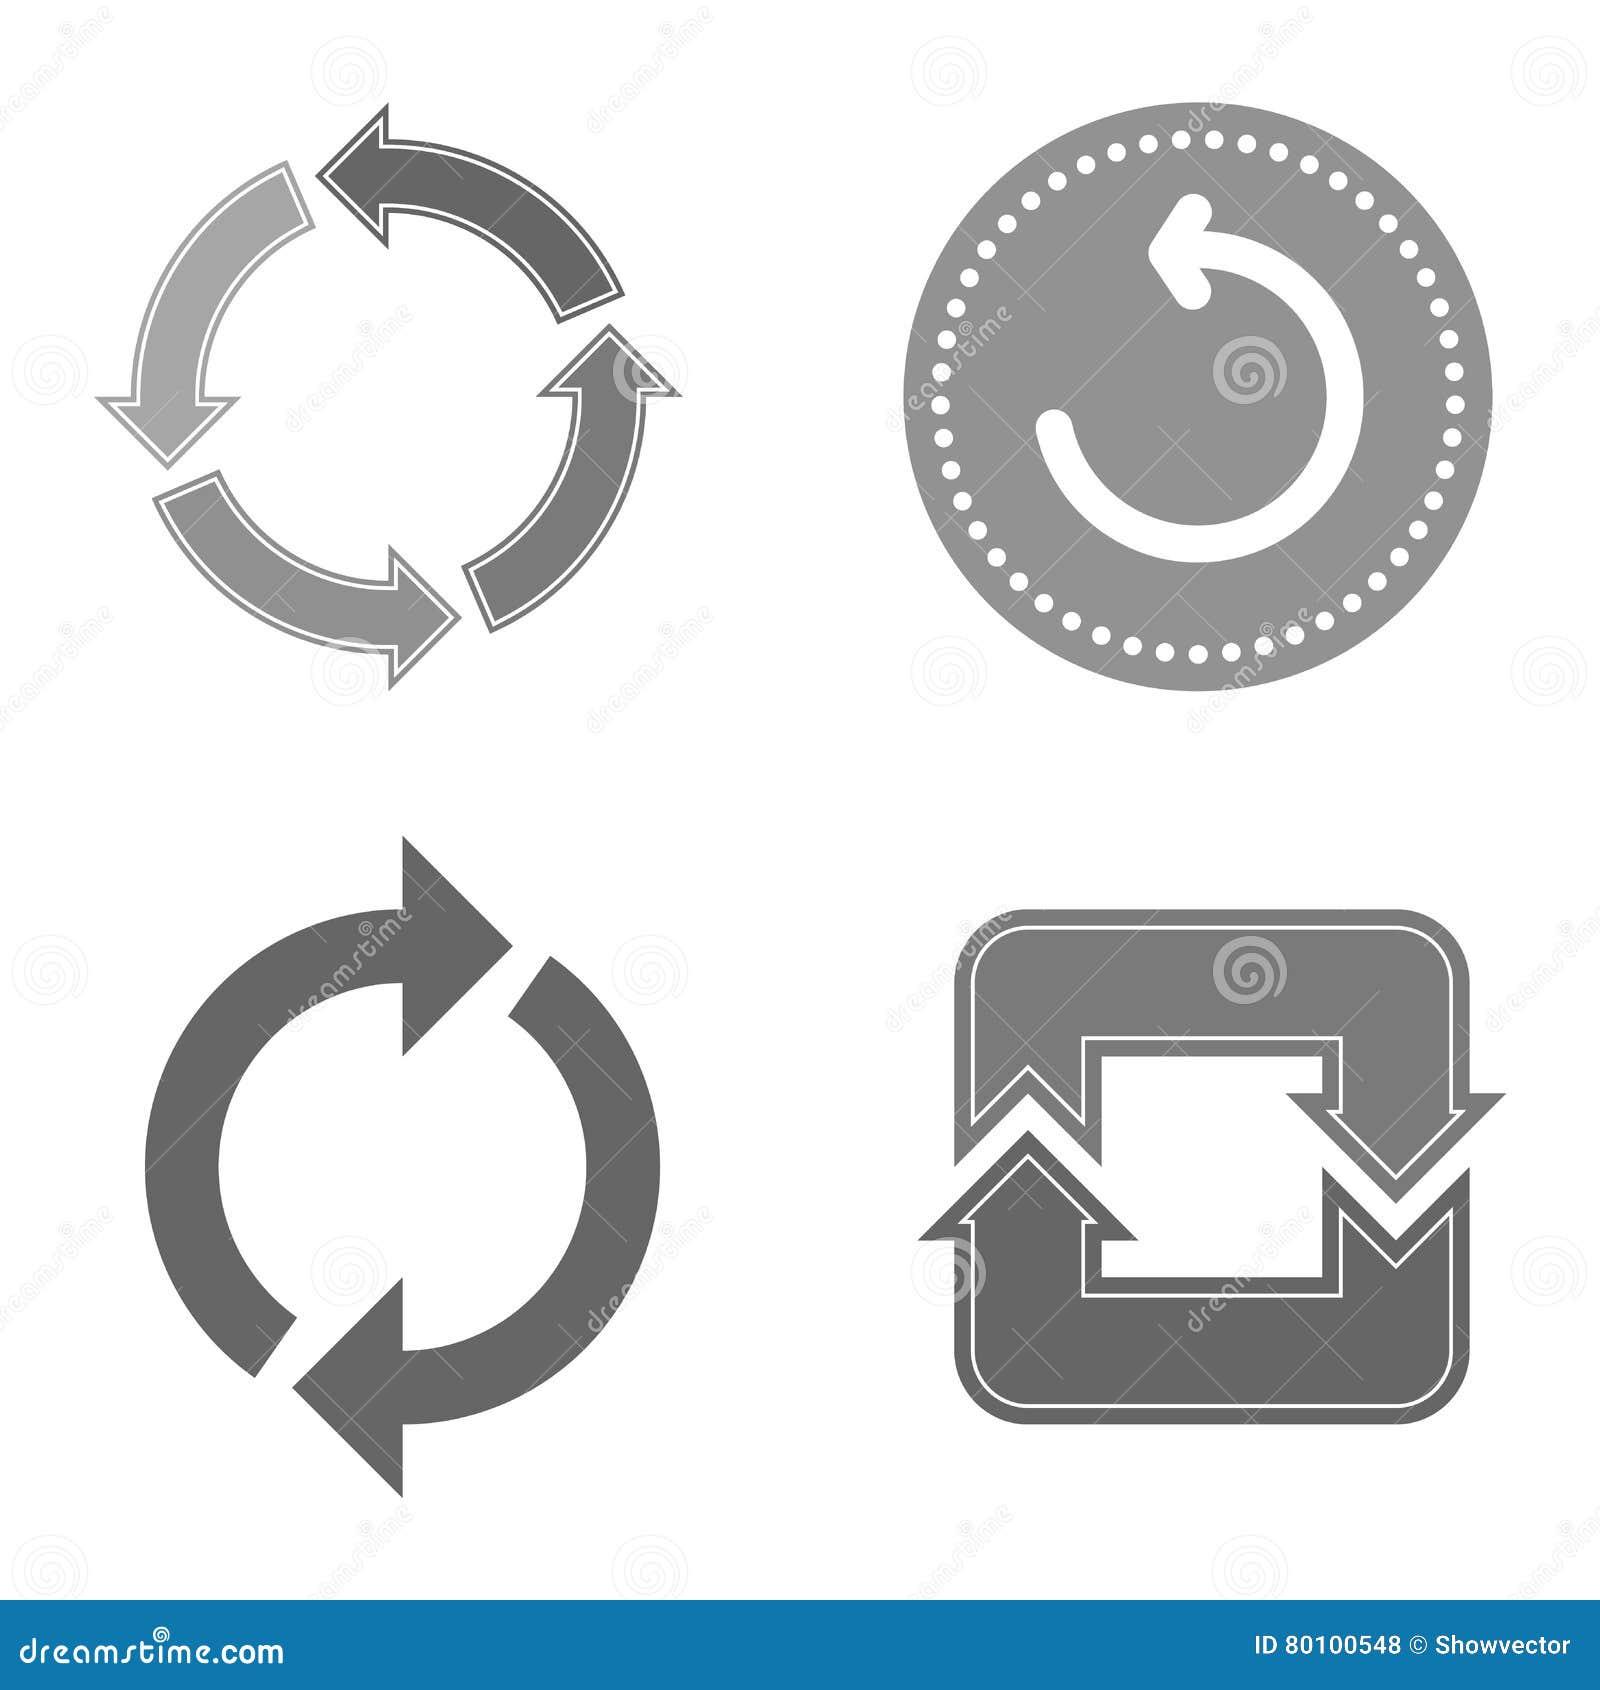 Vetor do botão do círculo isolado